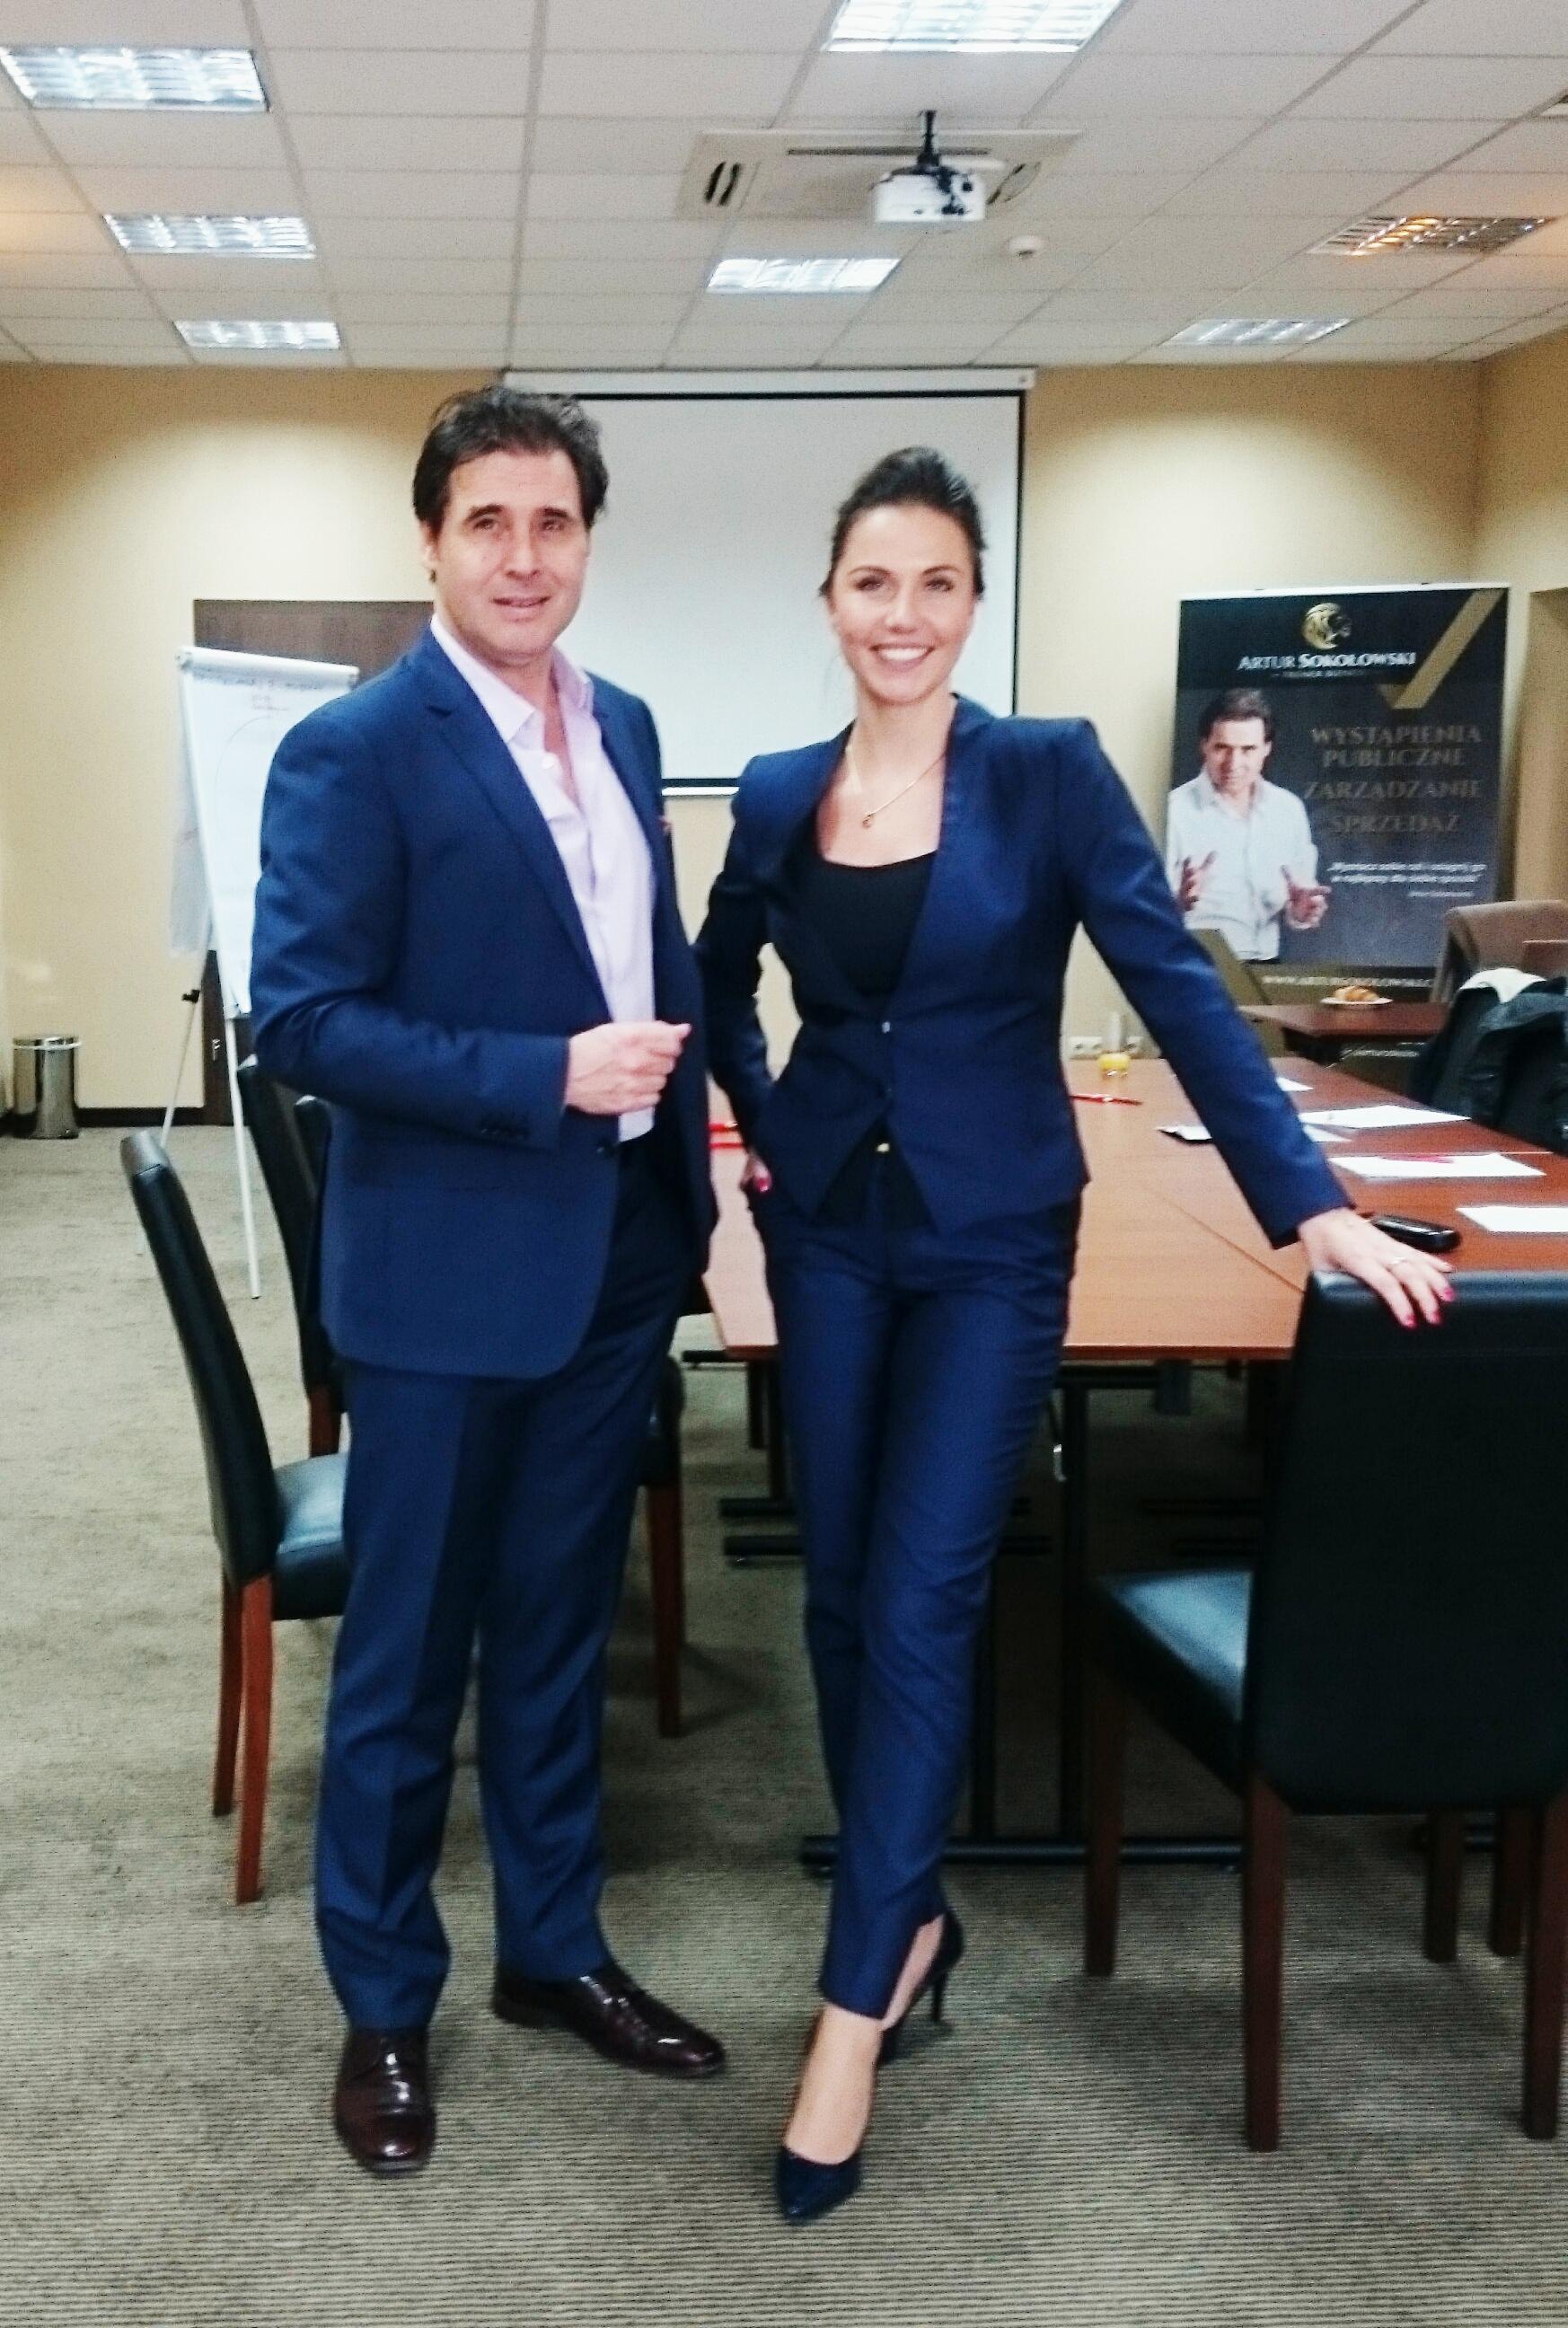 Szkolenie biznesowe dla sprzedawców, kurs z technik sprzedaży